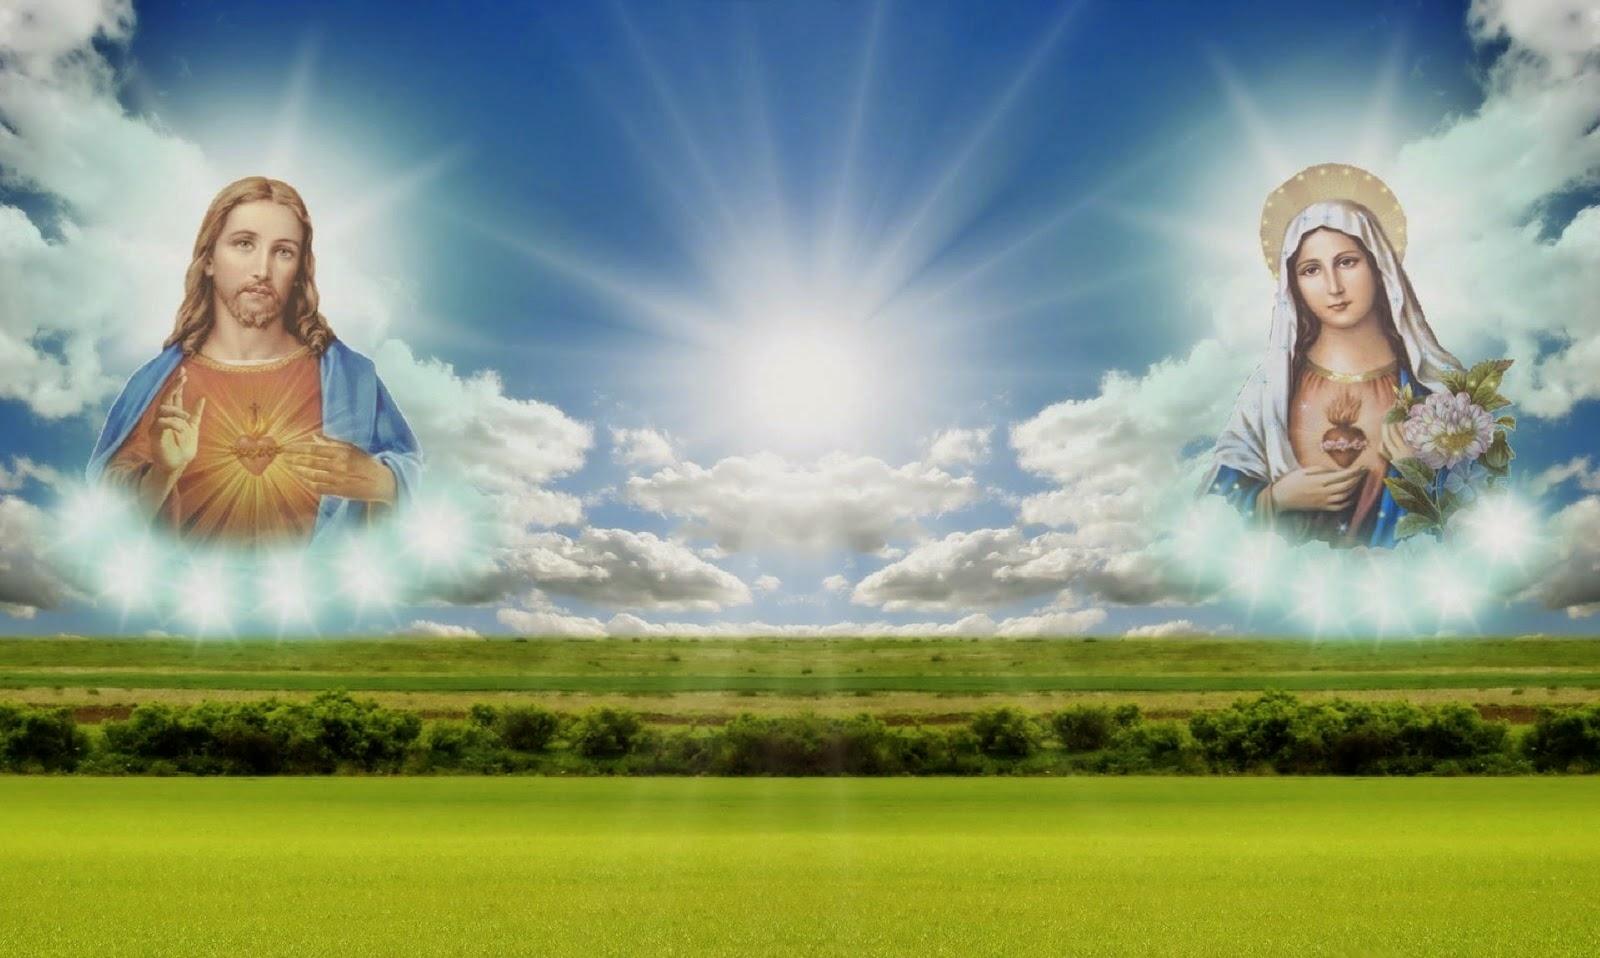 Imagenes Para Fondo De Pantalla Gratis: Fondo De Pantalla Religioso 3